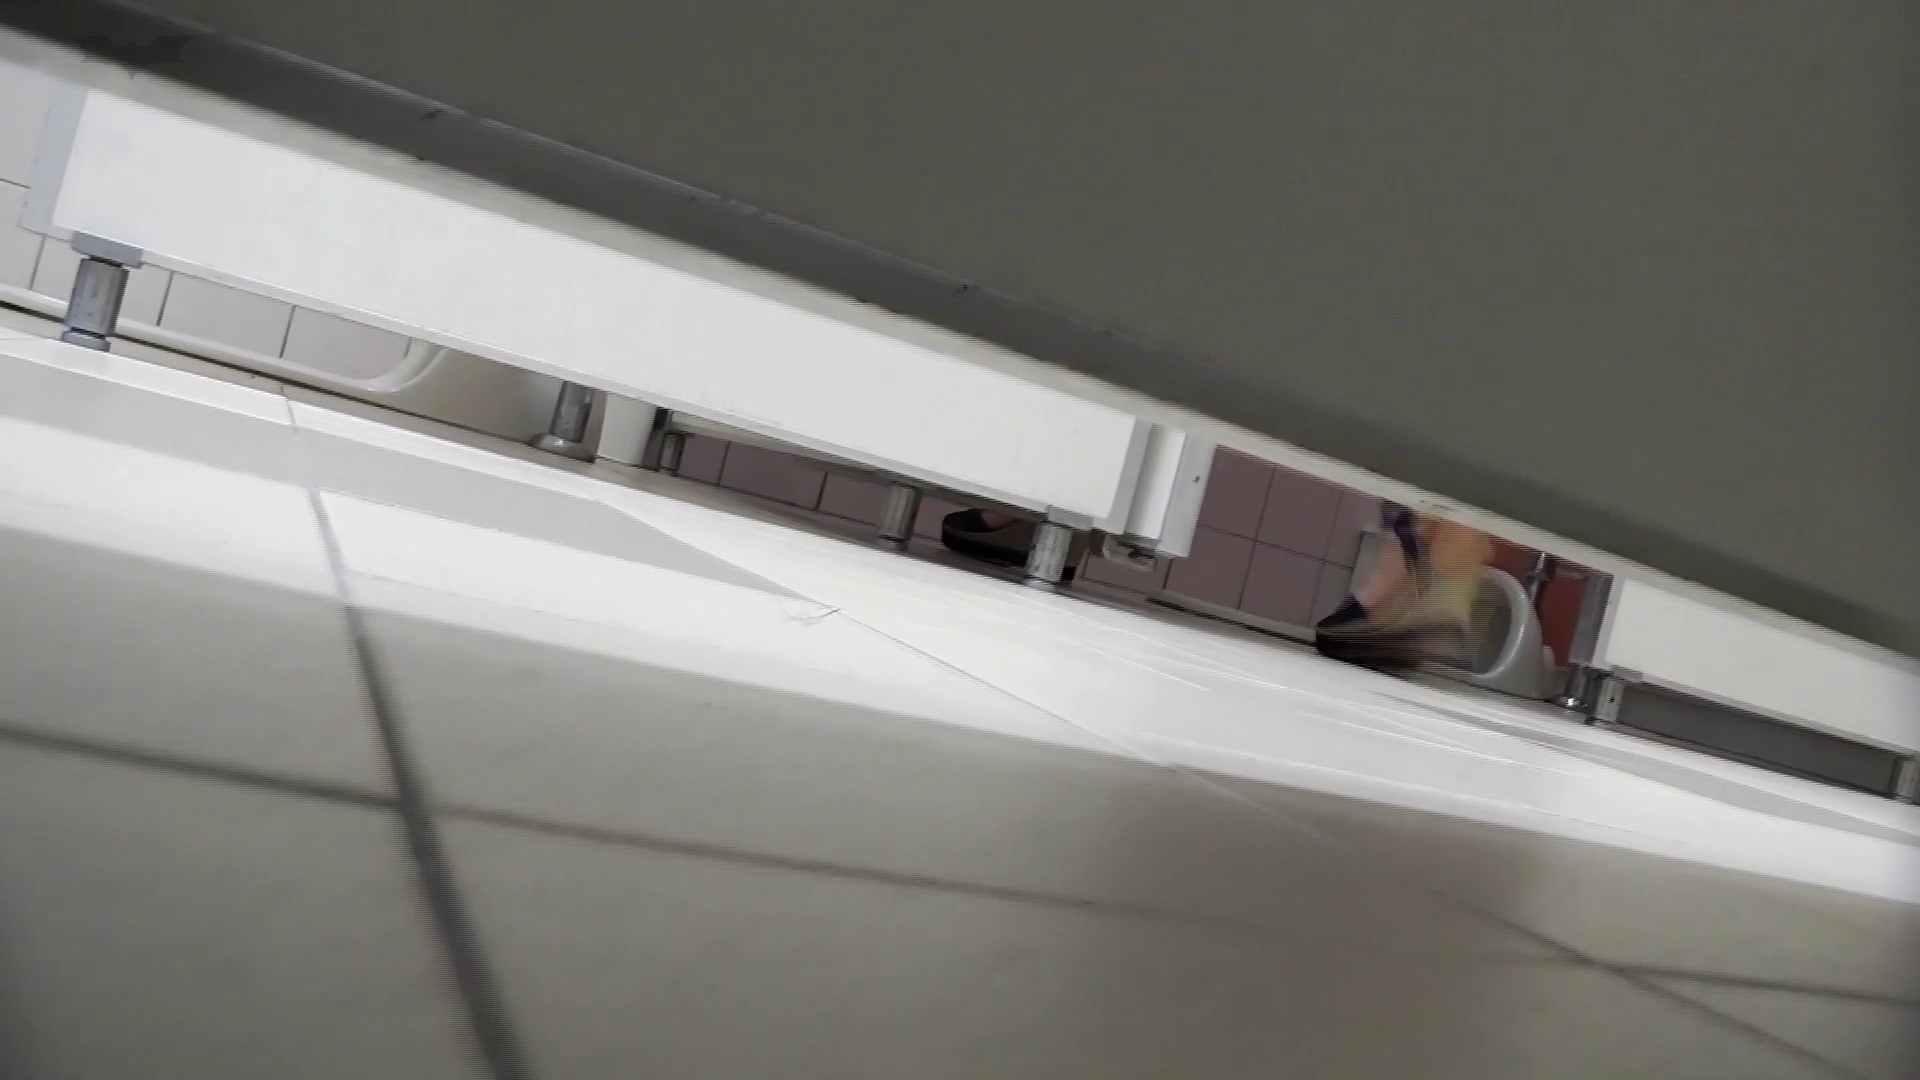 美しい日本の未来 No.29 豹柄サンダルは便秘気味??? 盛合せ  111PIX 40